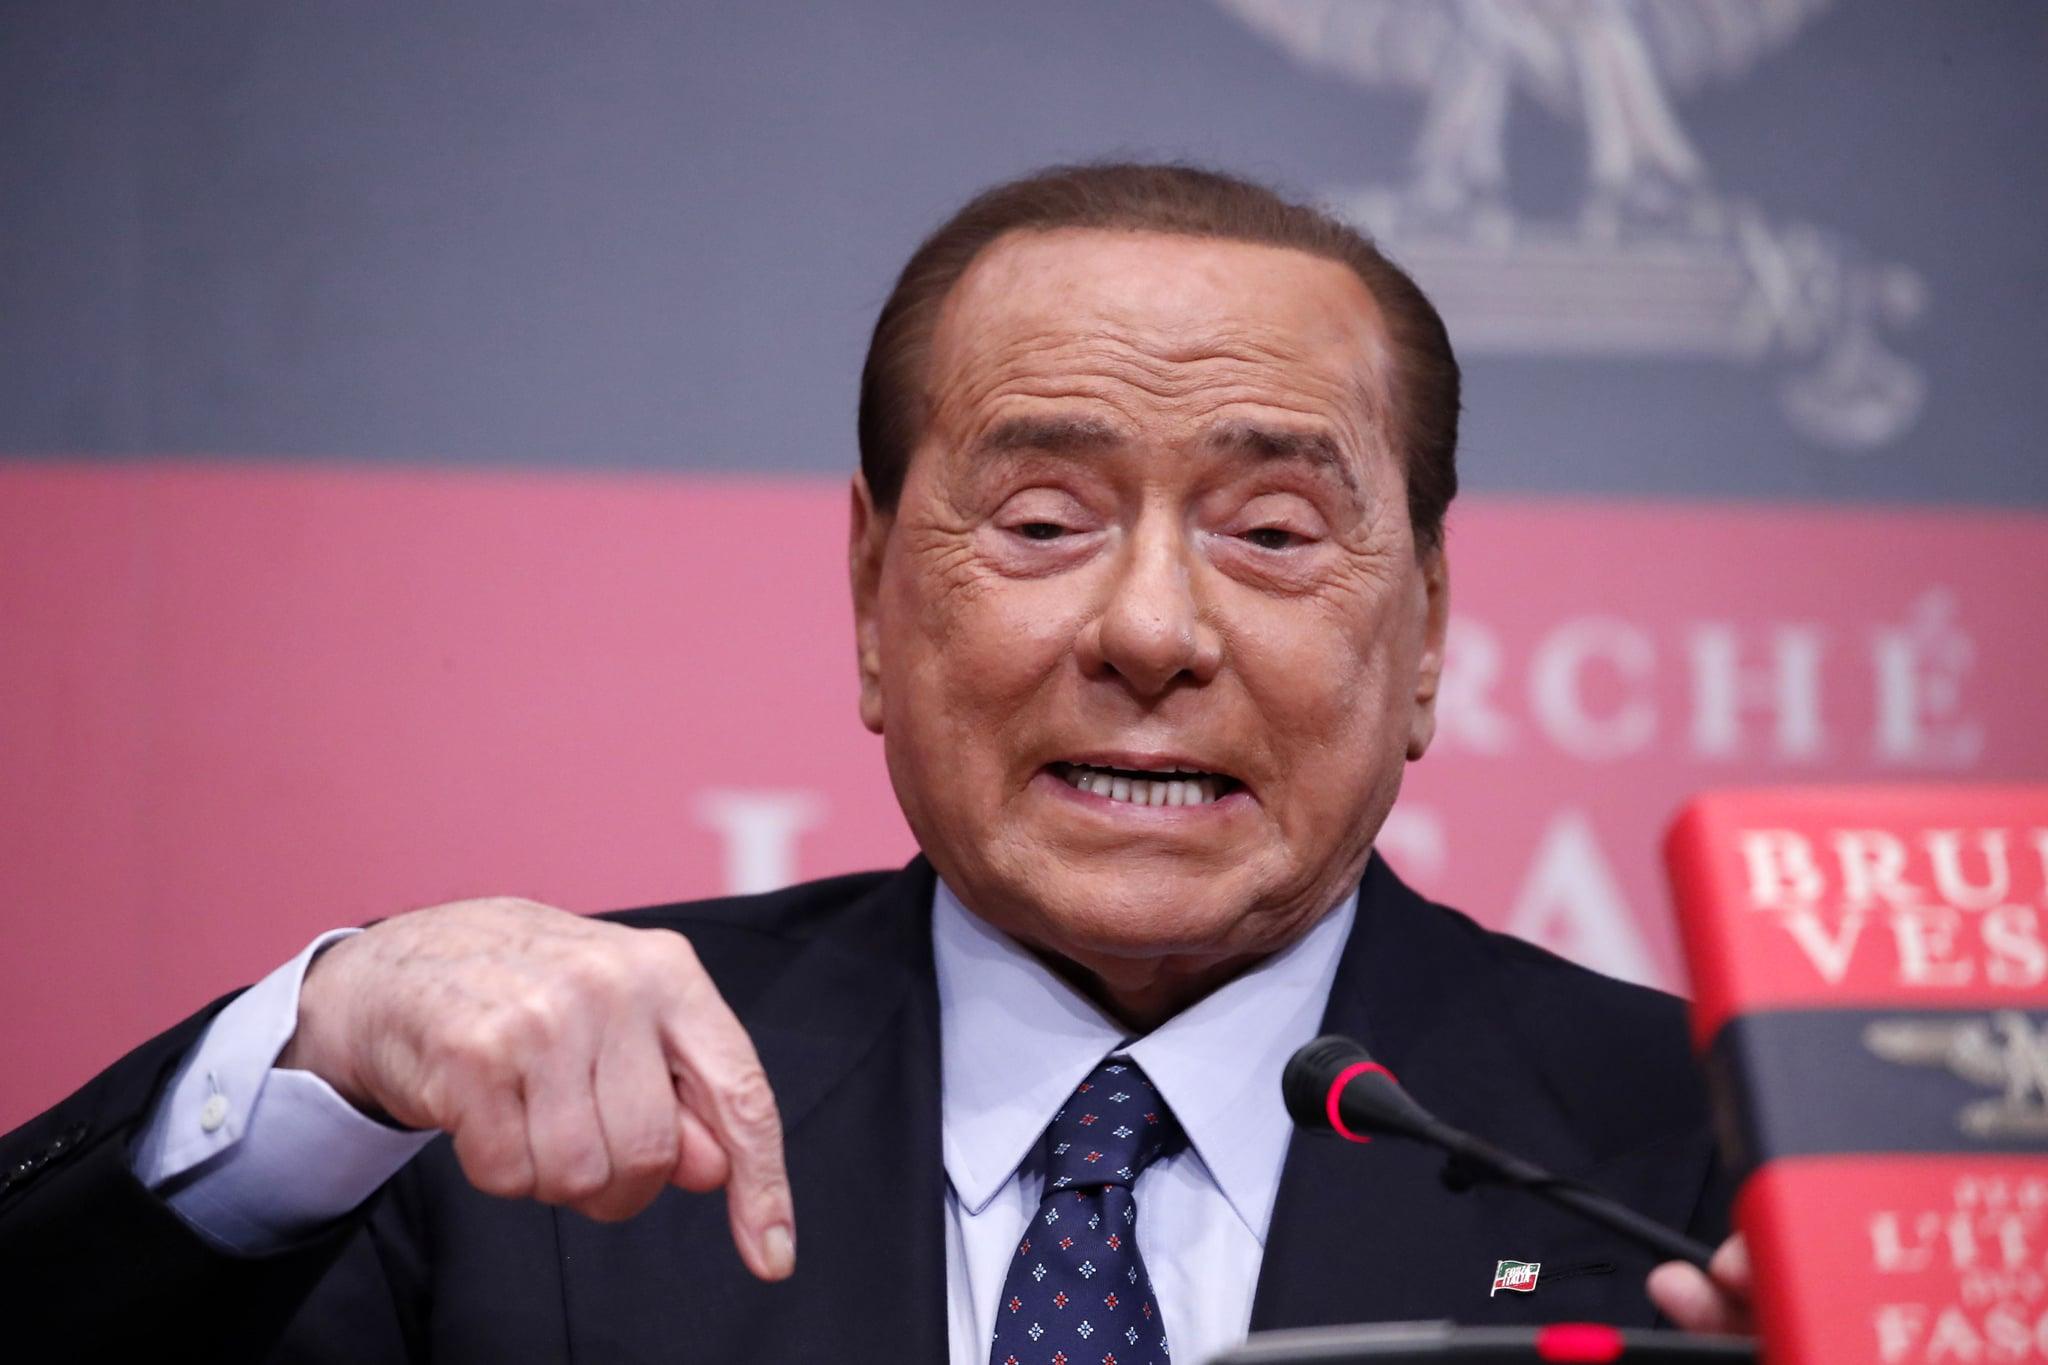 ROME, ITALY - DECEMBER 19: Senator Silvio Berlusconi attends at the presentation of Bruno Vespa's book